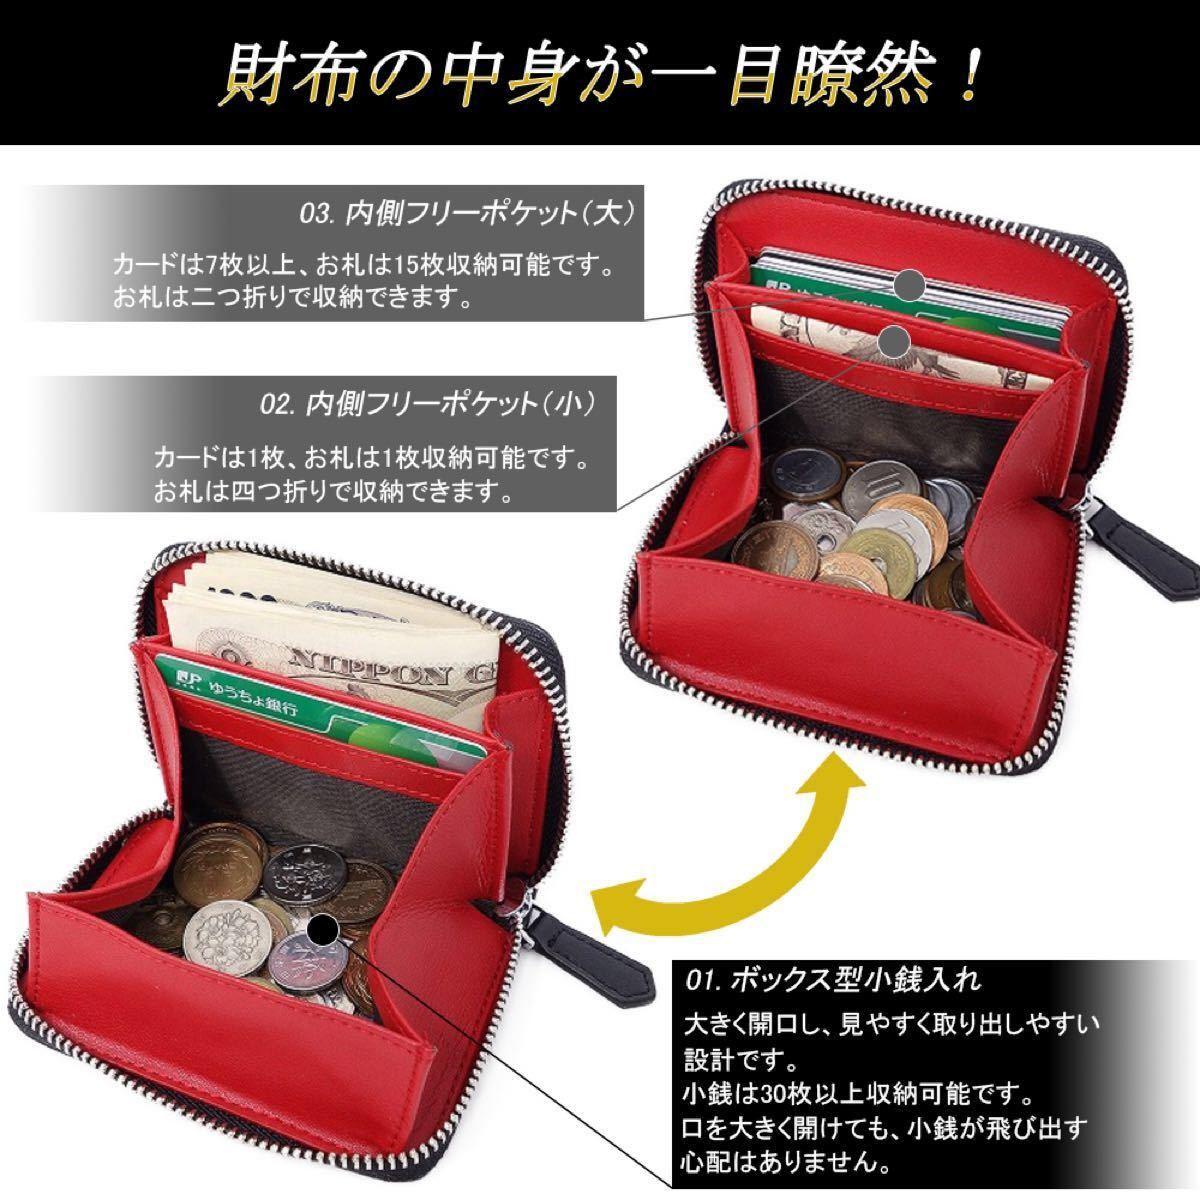 小銭入れ コインケース ボックス型 メンズ レディース 財布【フクシア】